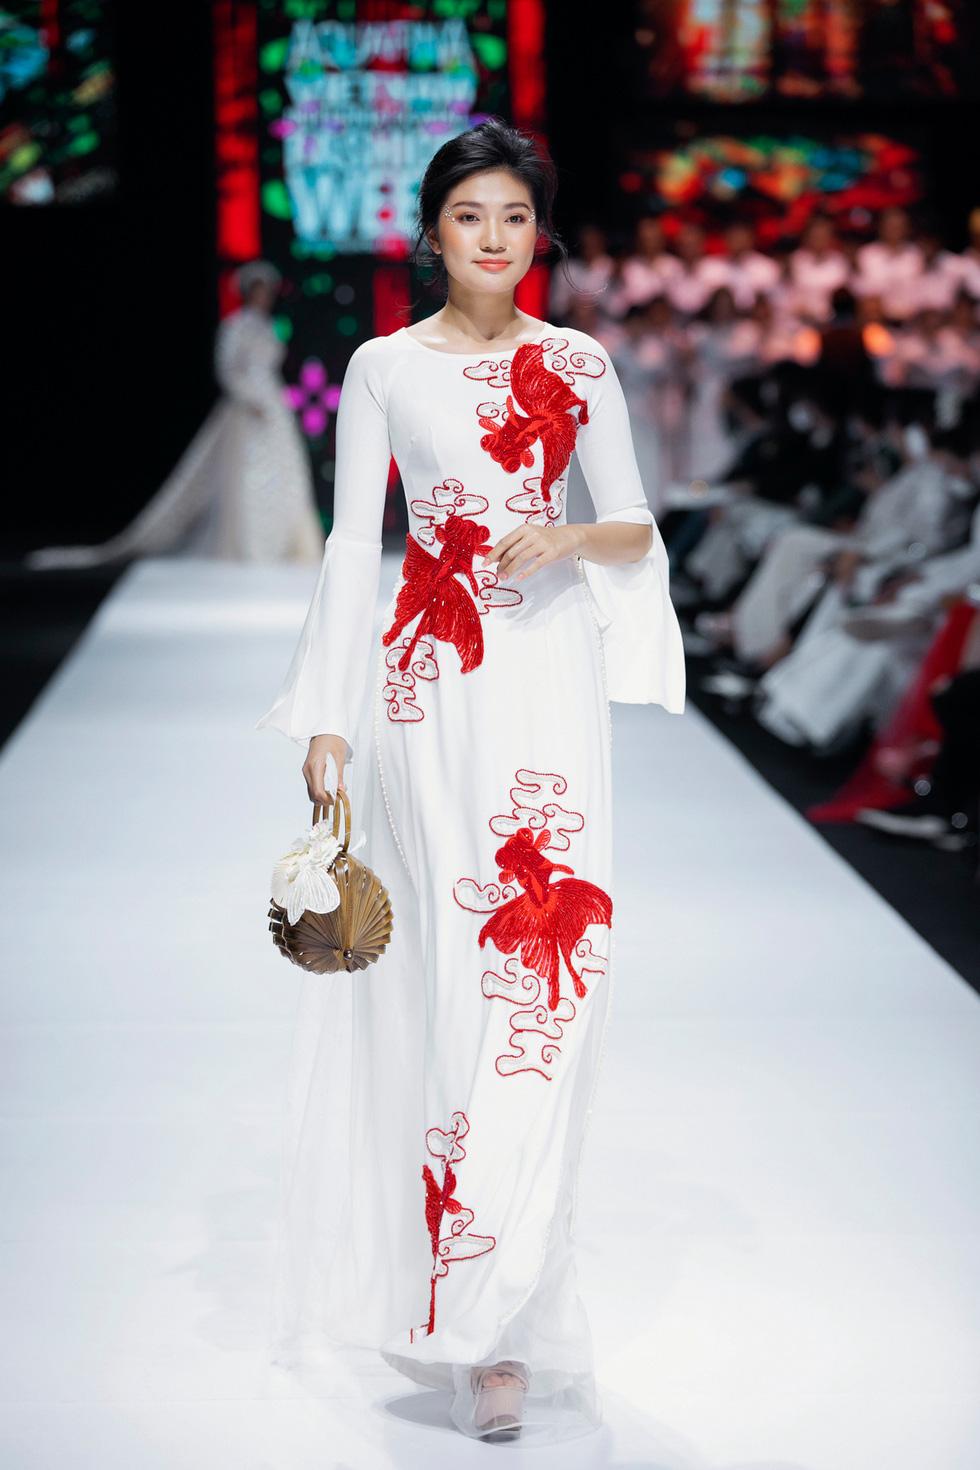 Hoa hậu Khánh Vân làm vedette, NSND Hồng Vân làm người mẫu catwalk cho nhà thiết kế Minh Châu - Ảnh 11.